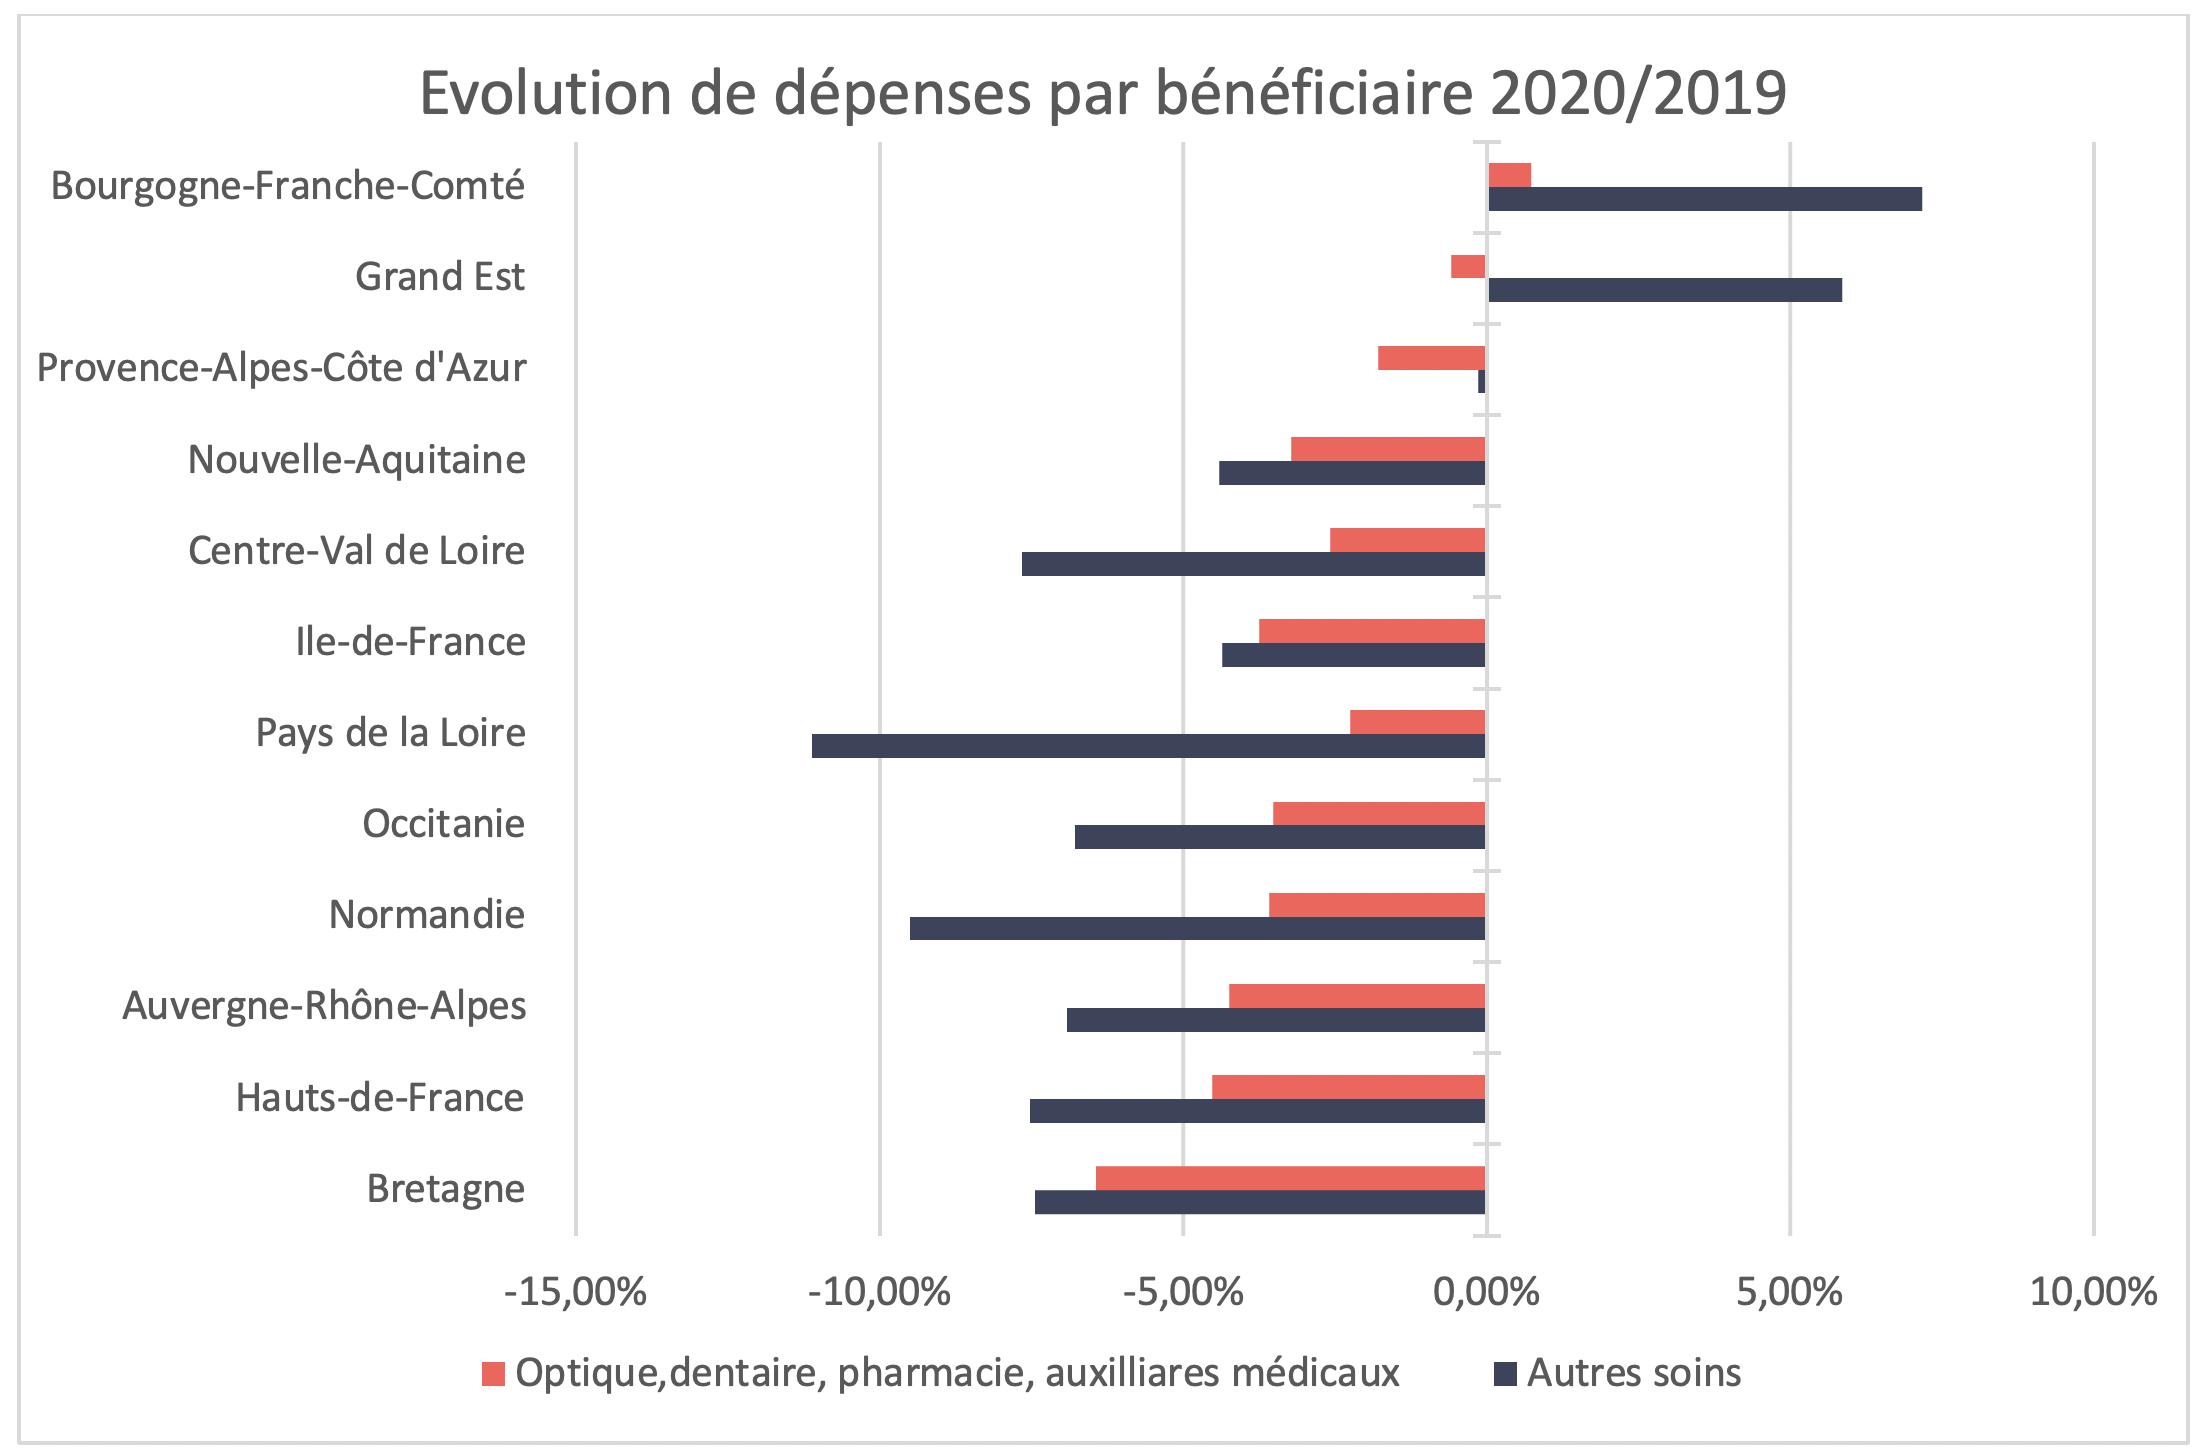 100 % Santé - Évolution de dépenses par bénéficiaire 2020-2019